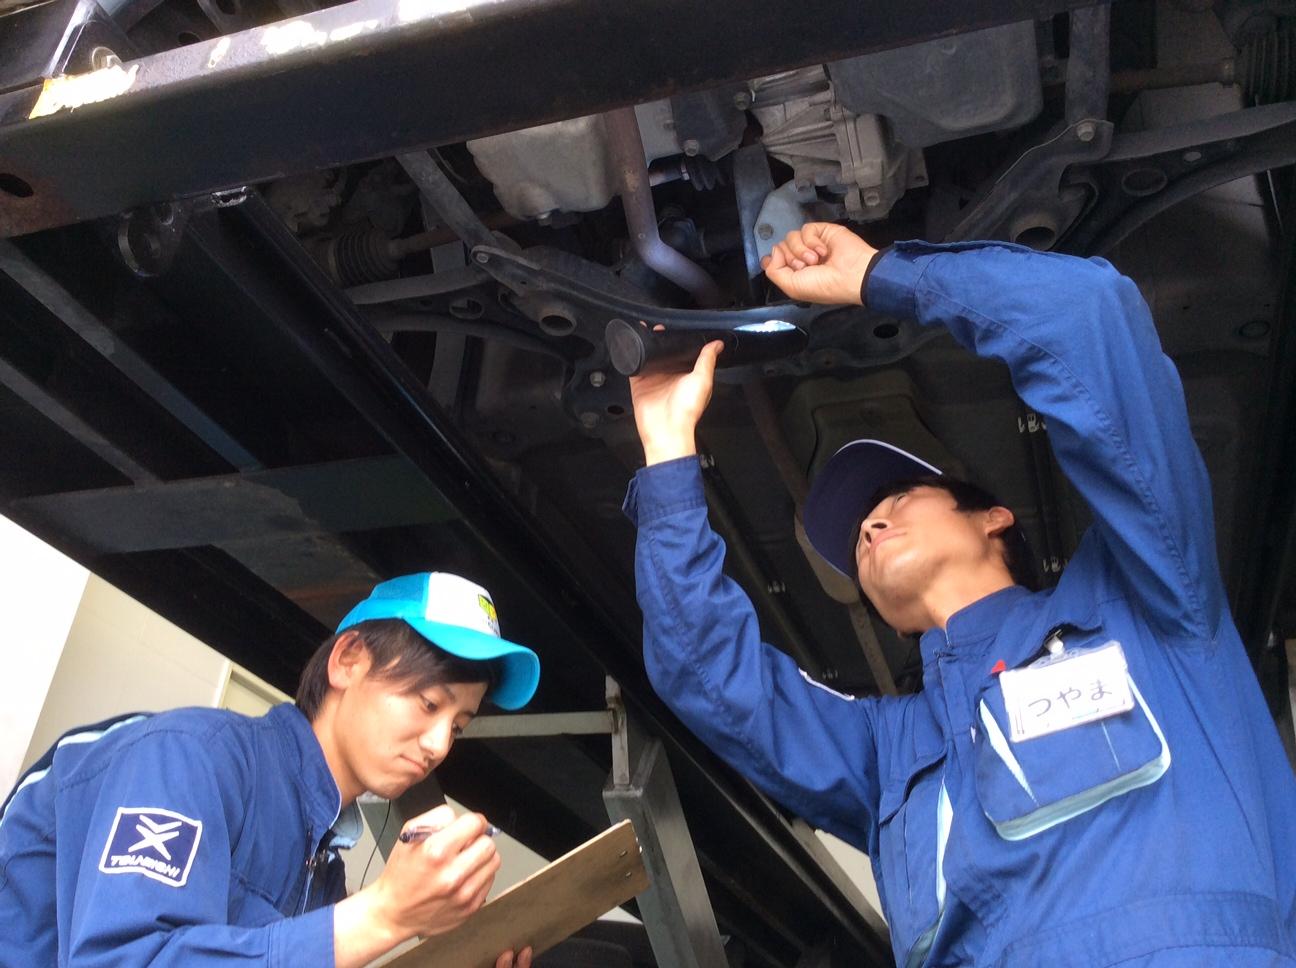 快適なカーライフをまるごとサービスするツネイシCバリューズ。11月のサービスステーションキャンペーン商品は自動車整備士が提案するエンジンオイル。